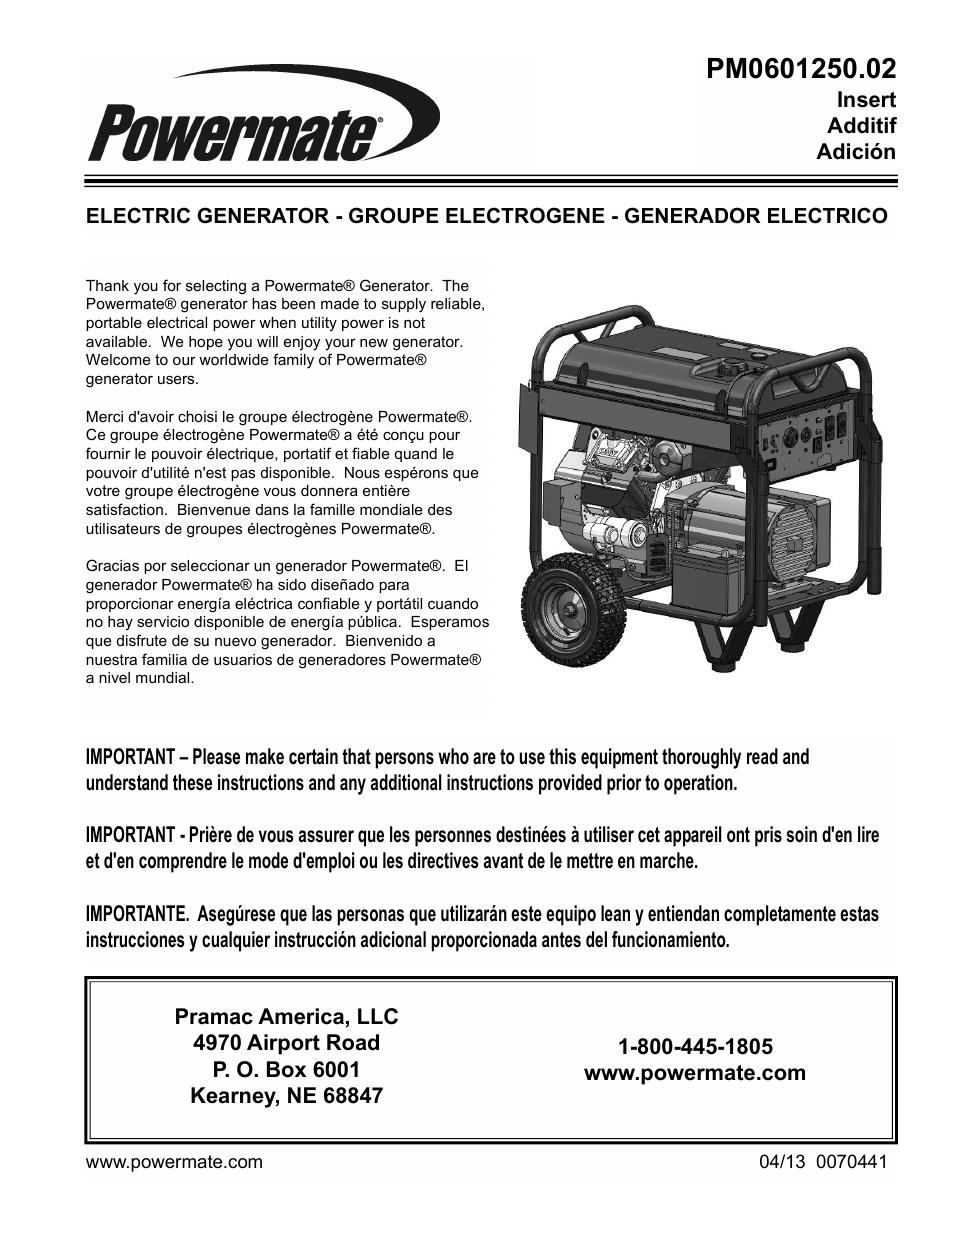 Powermate PM0601250 02 User Manual | 20 pages